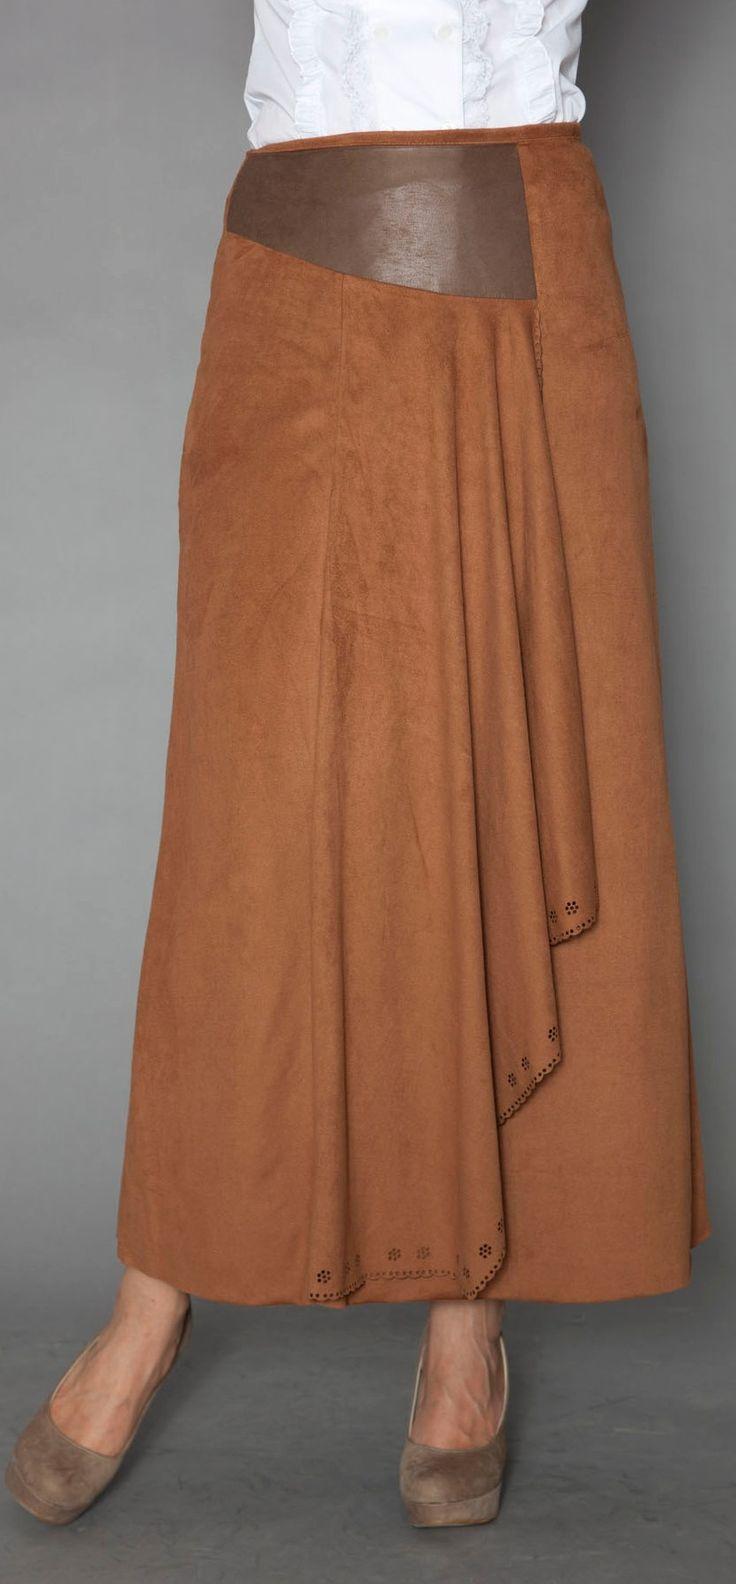 Yeni Moda Uzun Etekler | ... kemer detaylı armine uzun etek modelleri - Yeni Moda, Yeni Modelleri